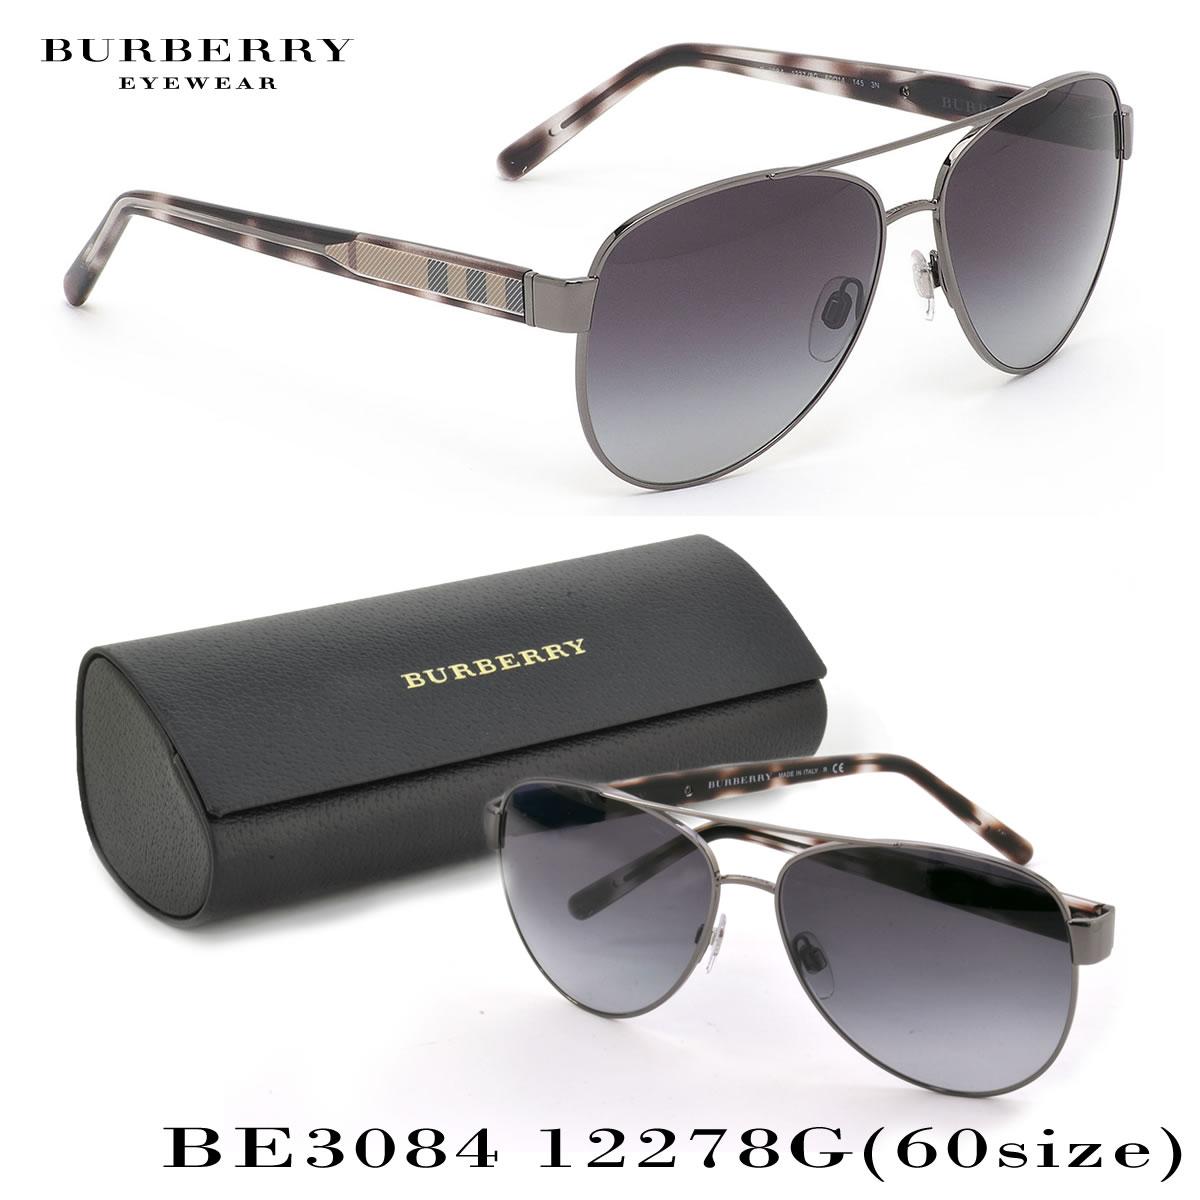 【10月30日からエントリーで全品ポイント20倍】【バーバリー】 (BURBERRY) サングラスBE3084 12278g 60サイズフルフィット メンズ レディースBURBERRY メンズ レディース